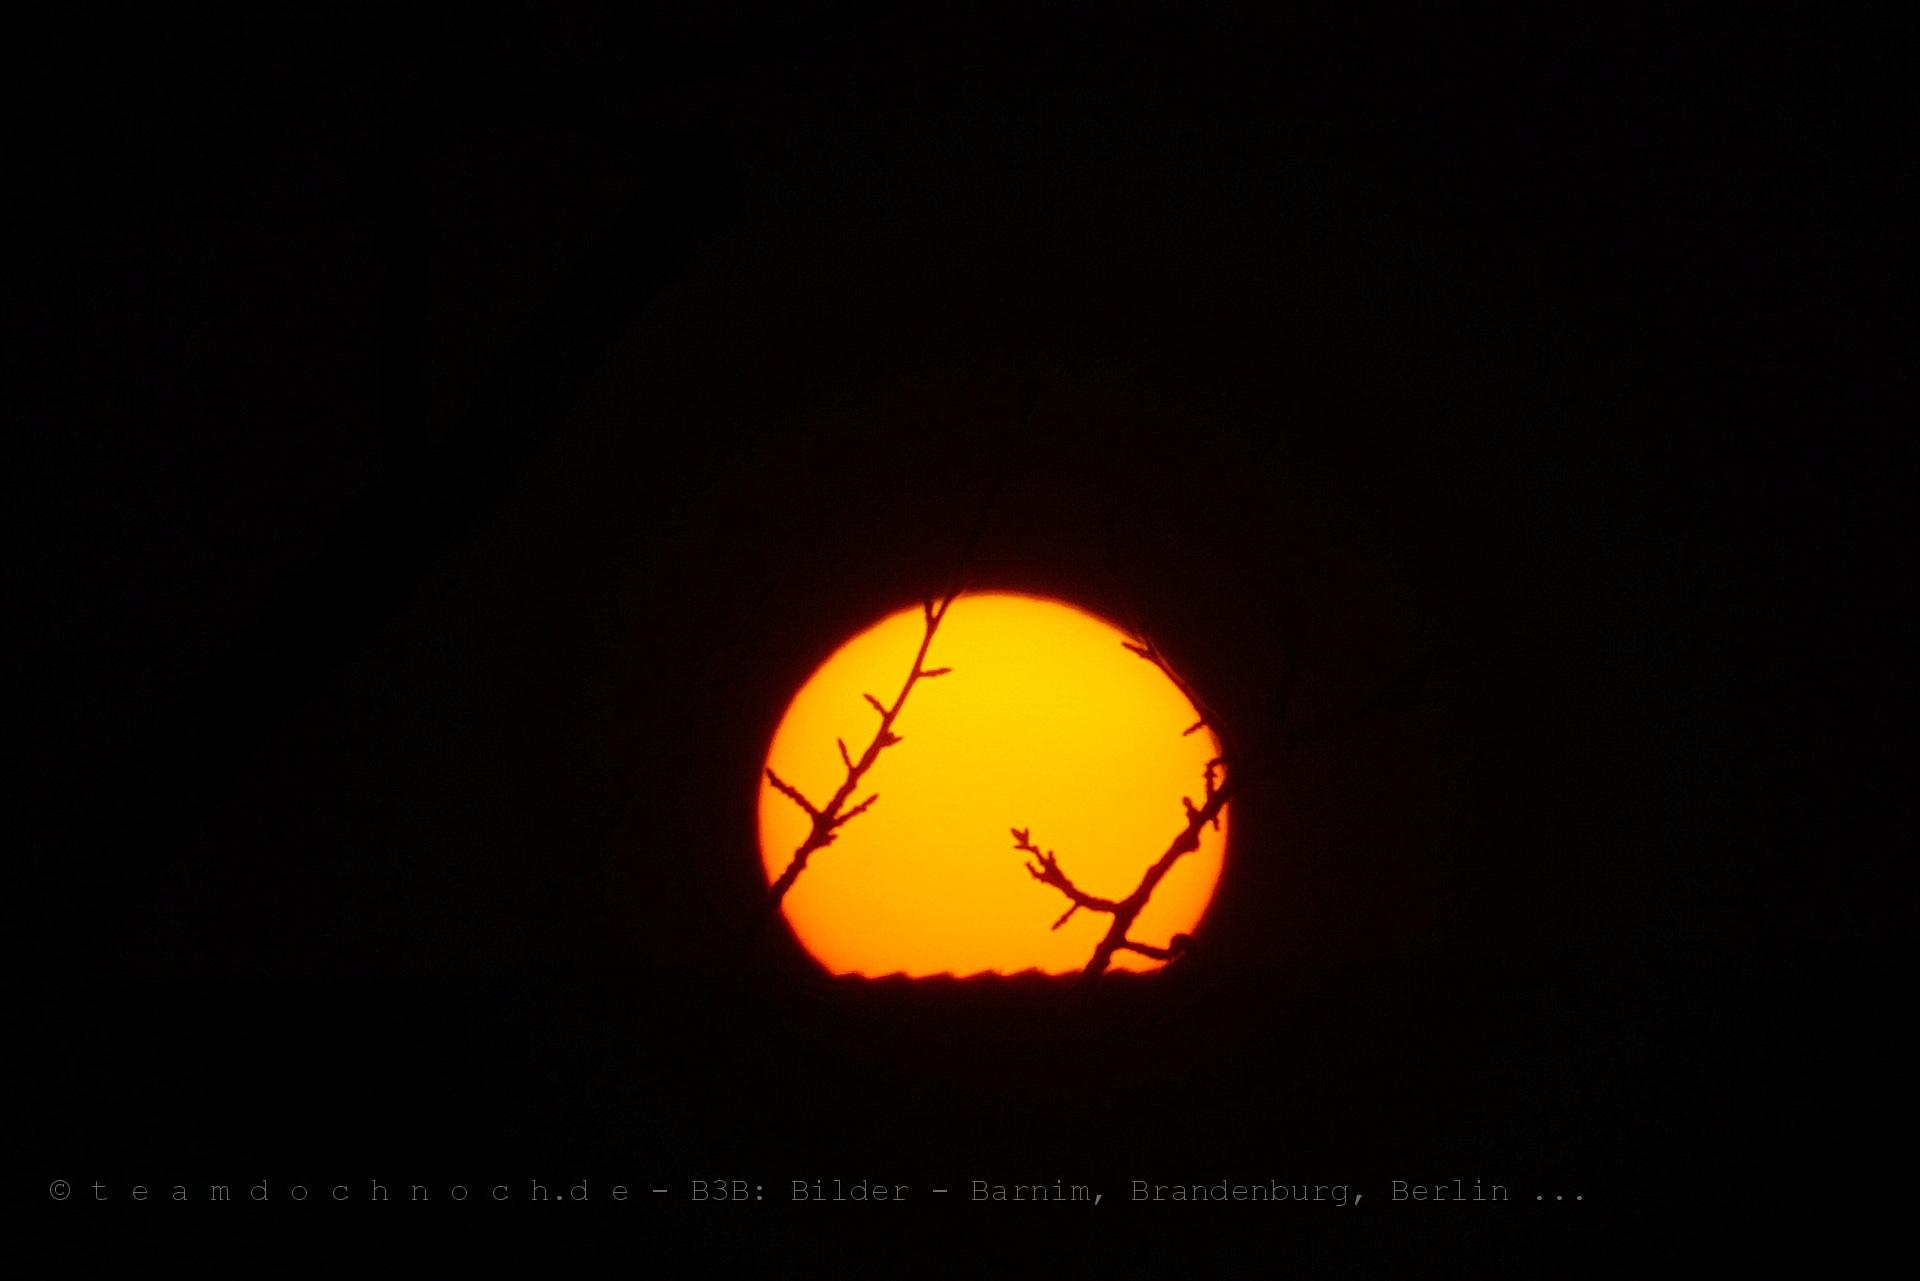 Die Sonne hinter den Zweigen